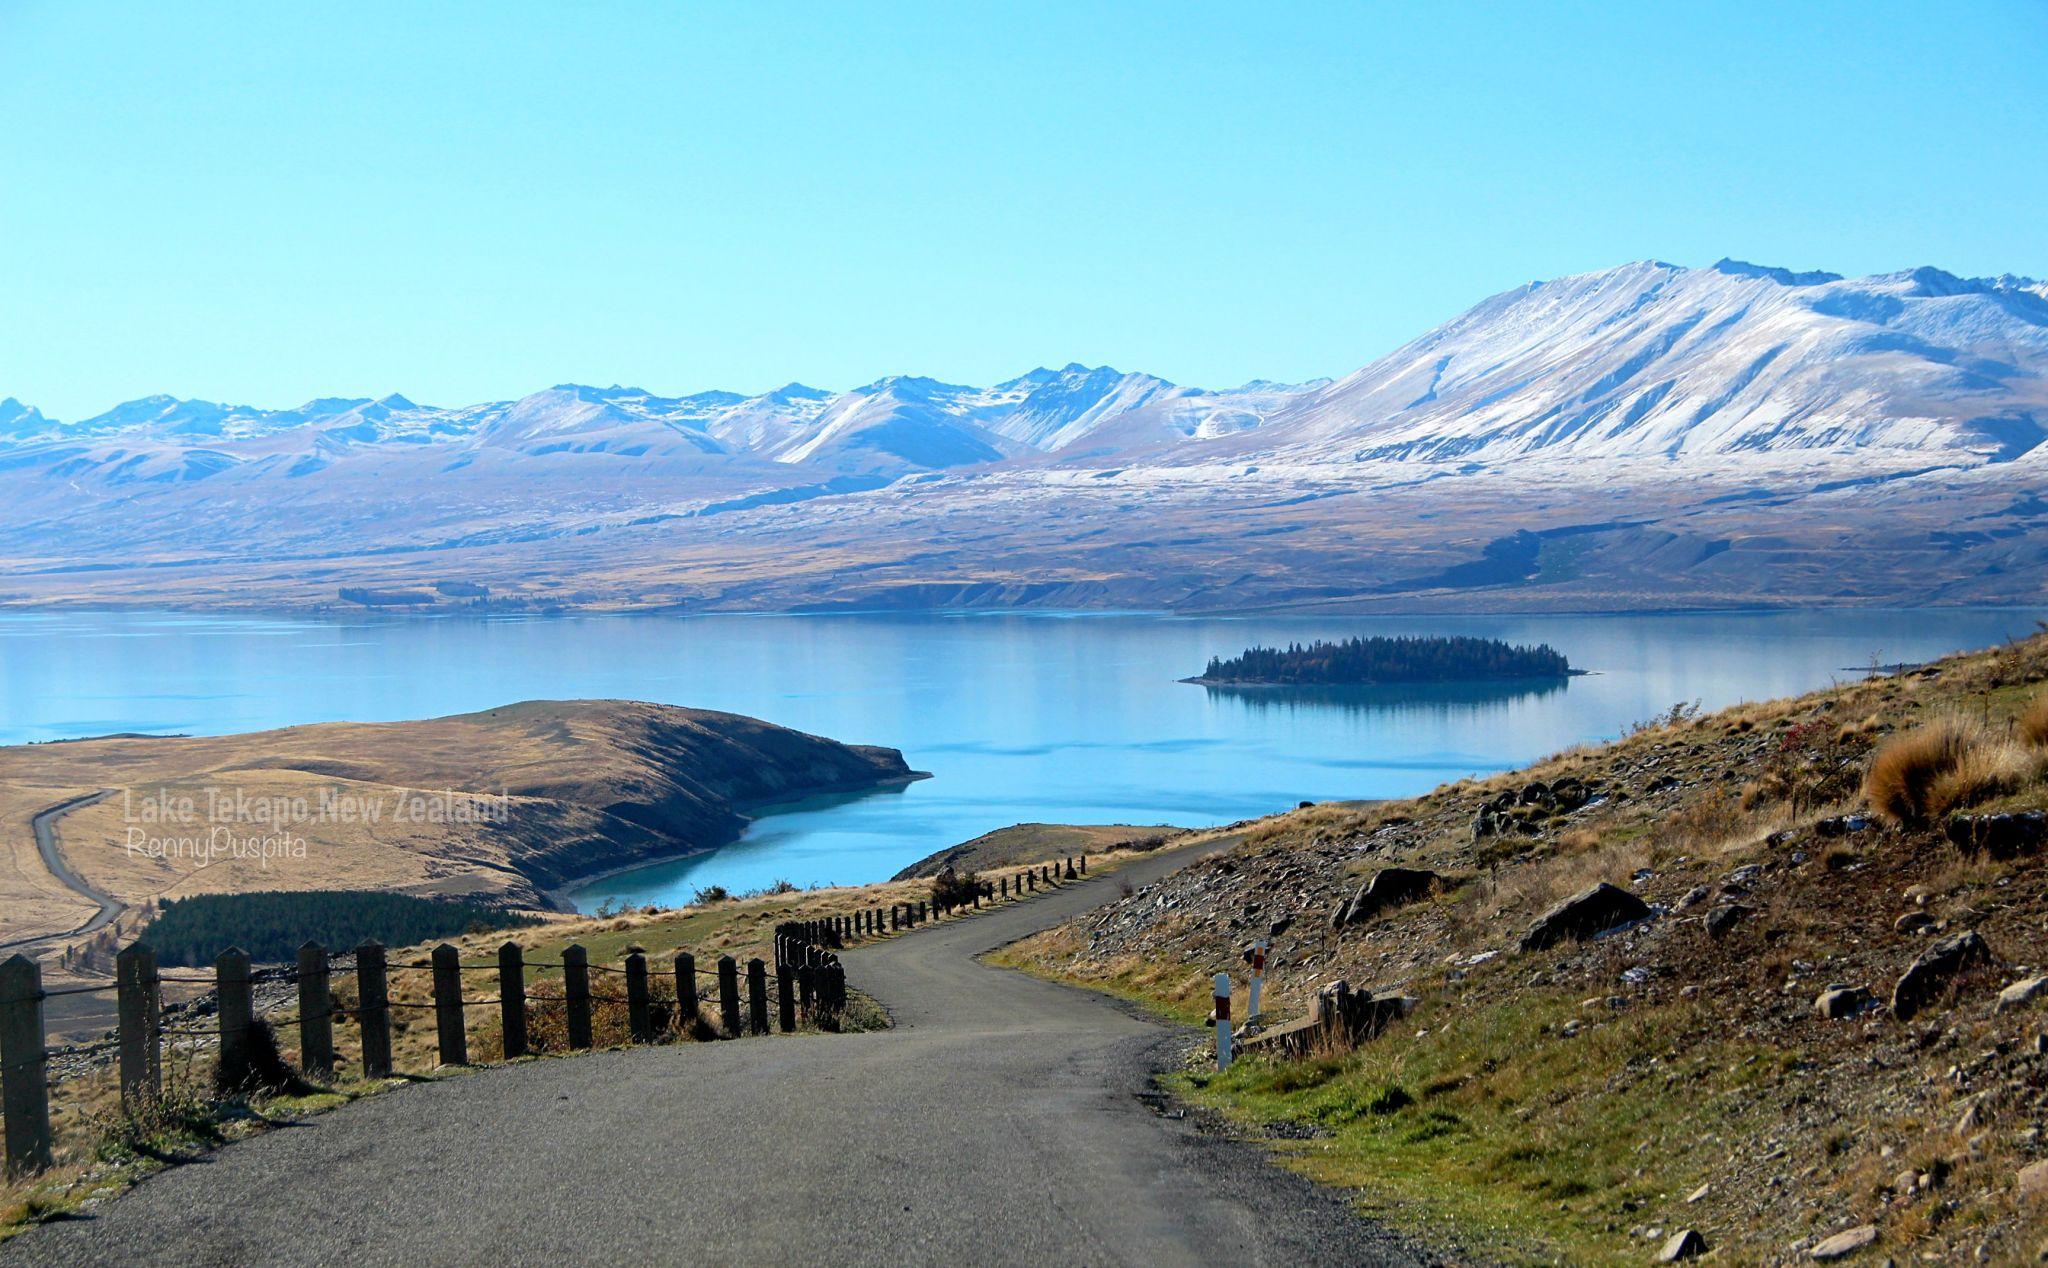 Lake Tekapo, New Zealand, New Zealand